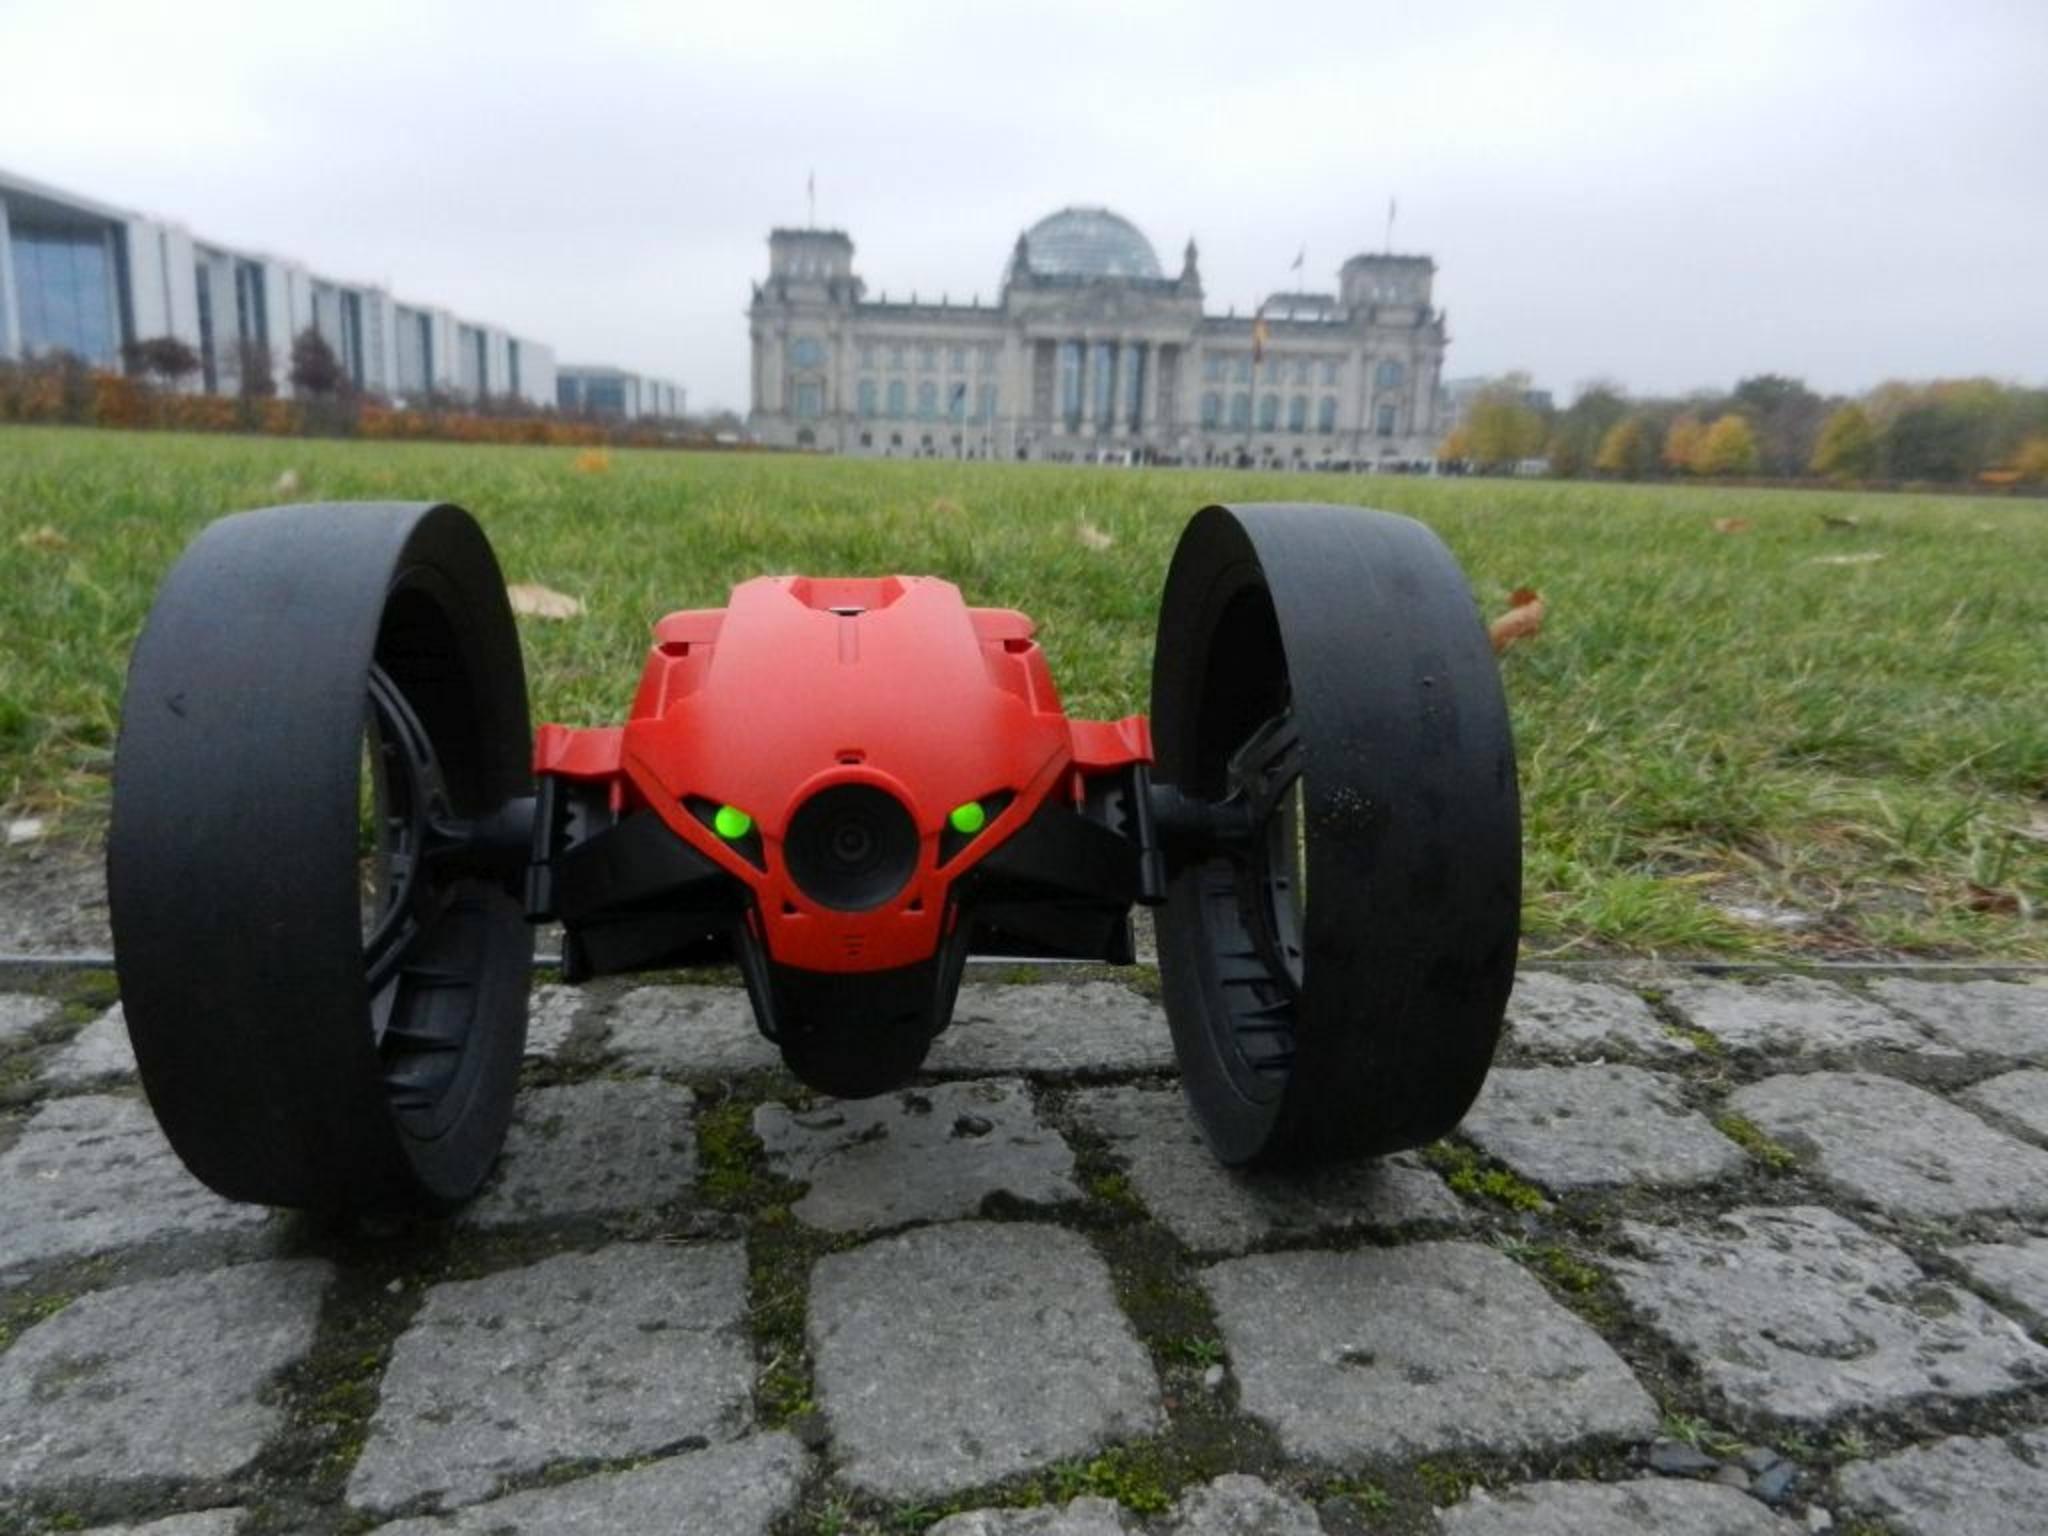 Ein bisschen nass sind die Reifen der Drohne geworden.